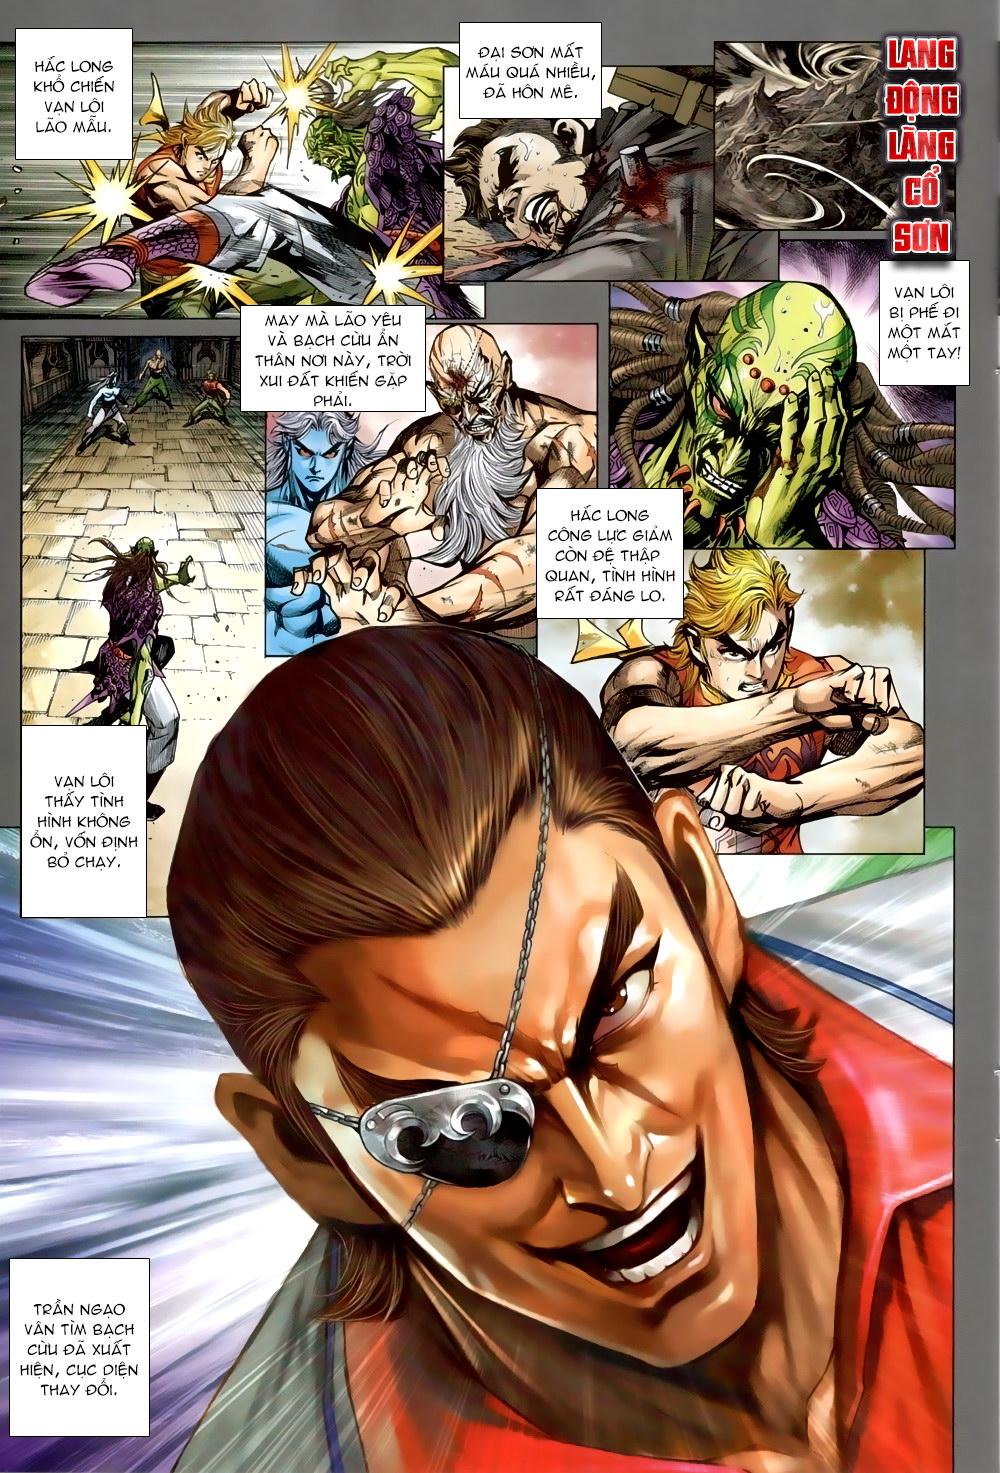 Tân Tác Long Hổ Môn chap 819 Trang 9 - Mangak.info